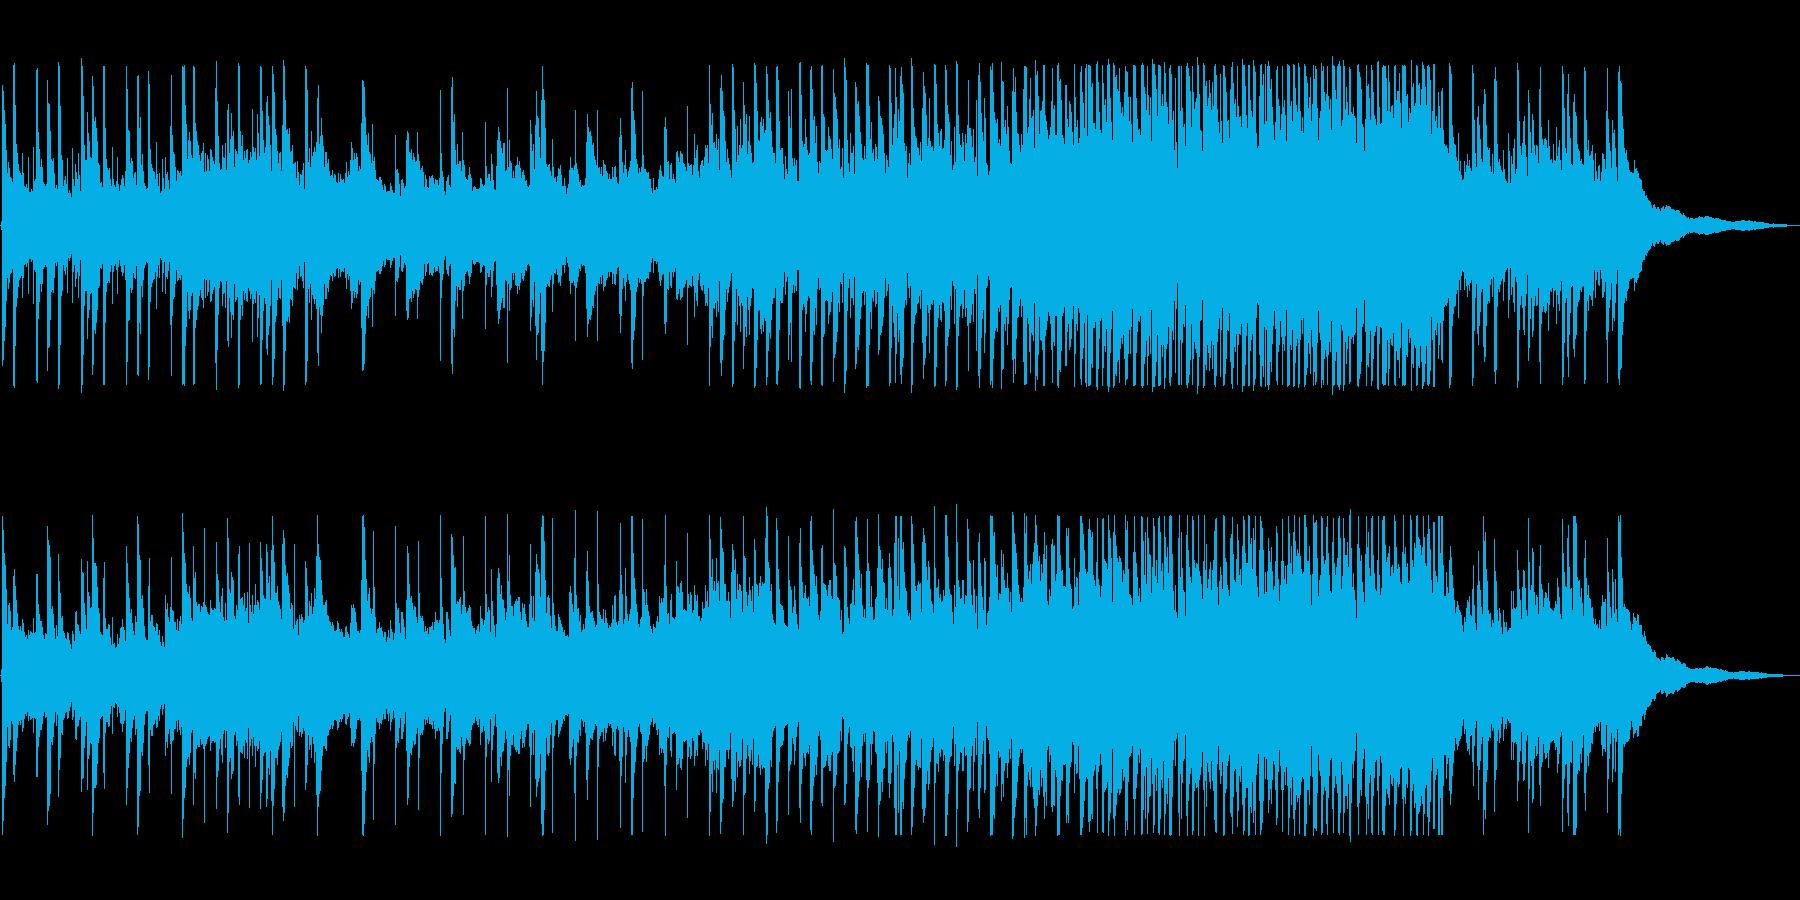 ハーモニカとピアノのまったり曲の再生済みの波形